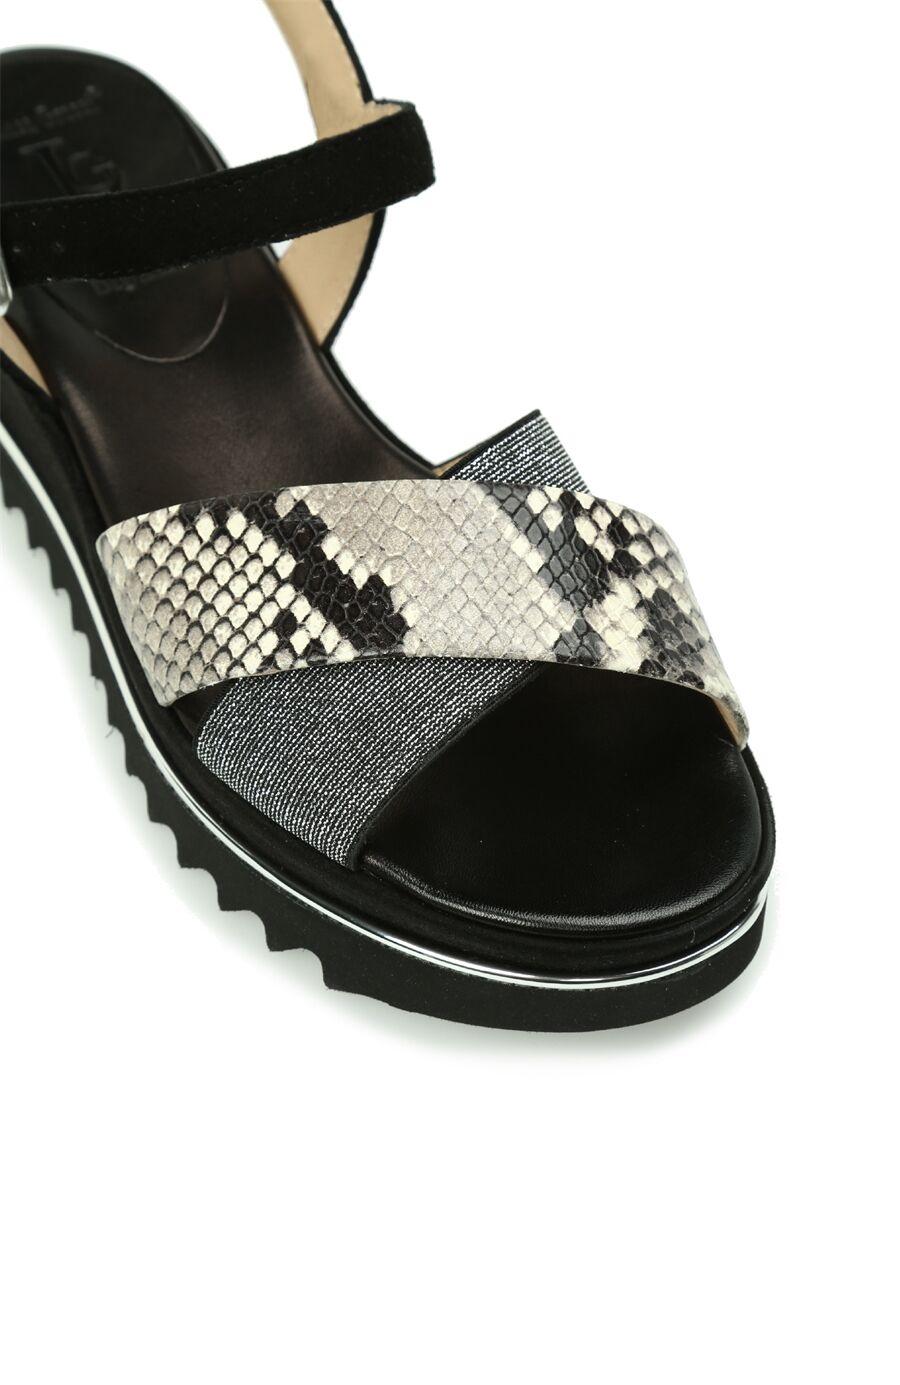 Yılan Baskı Siyah Kadın Sandalet